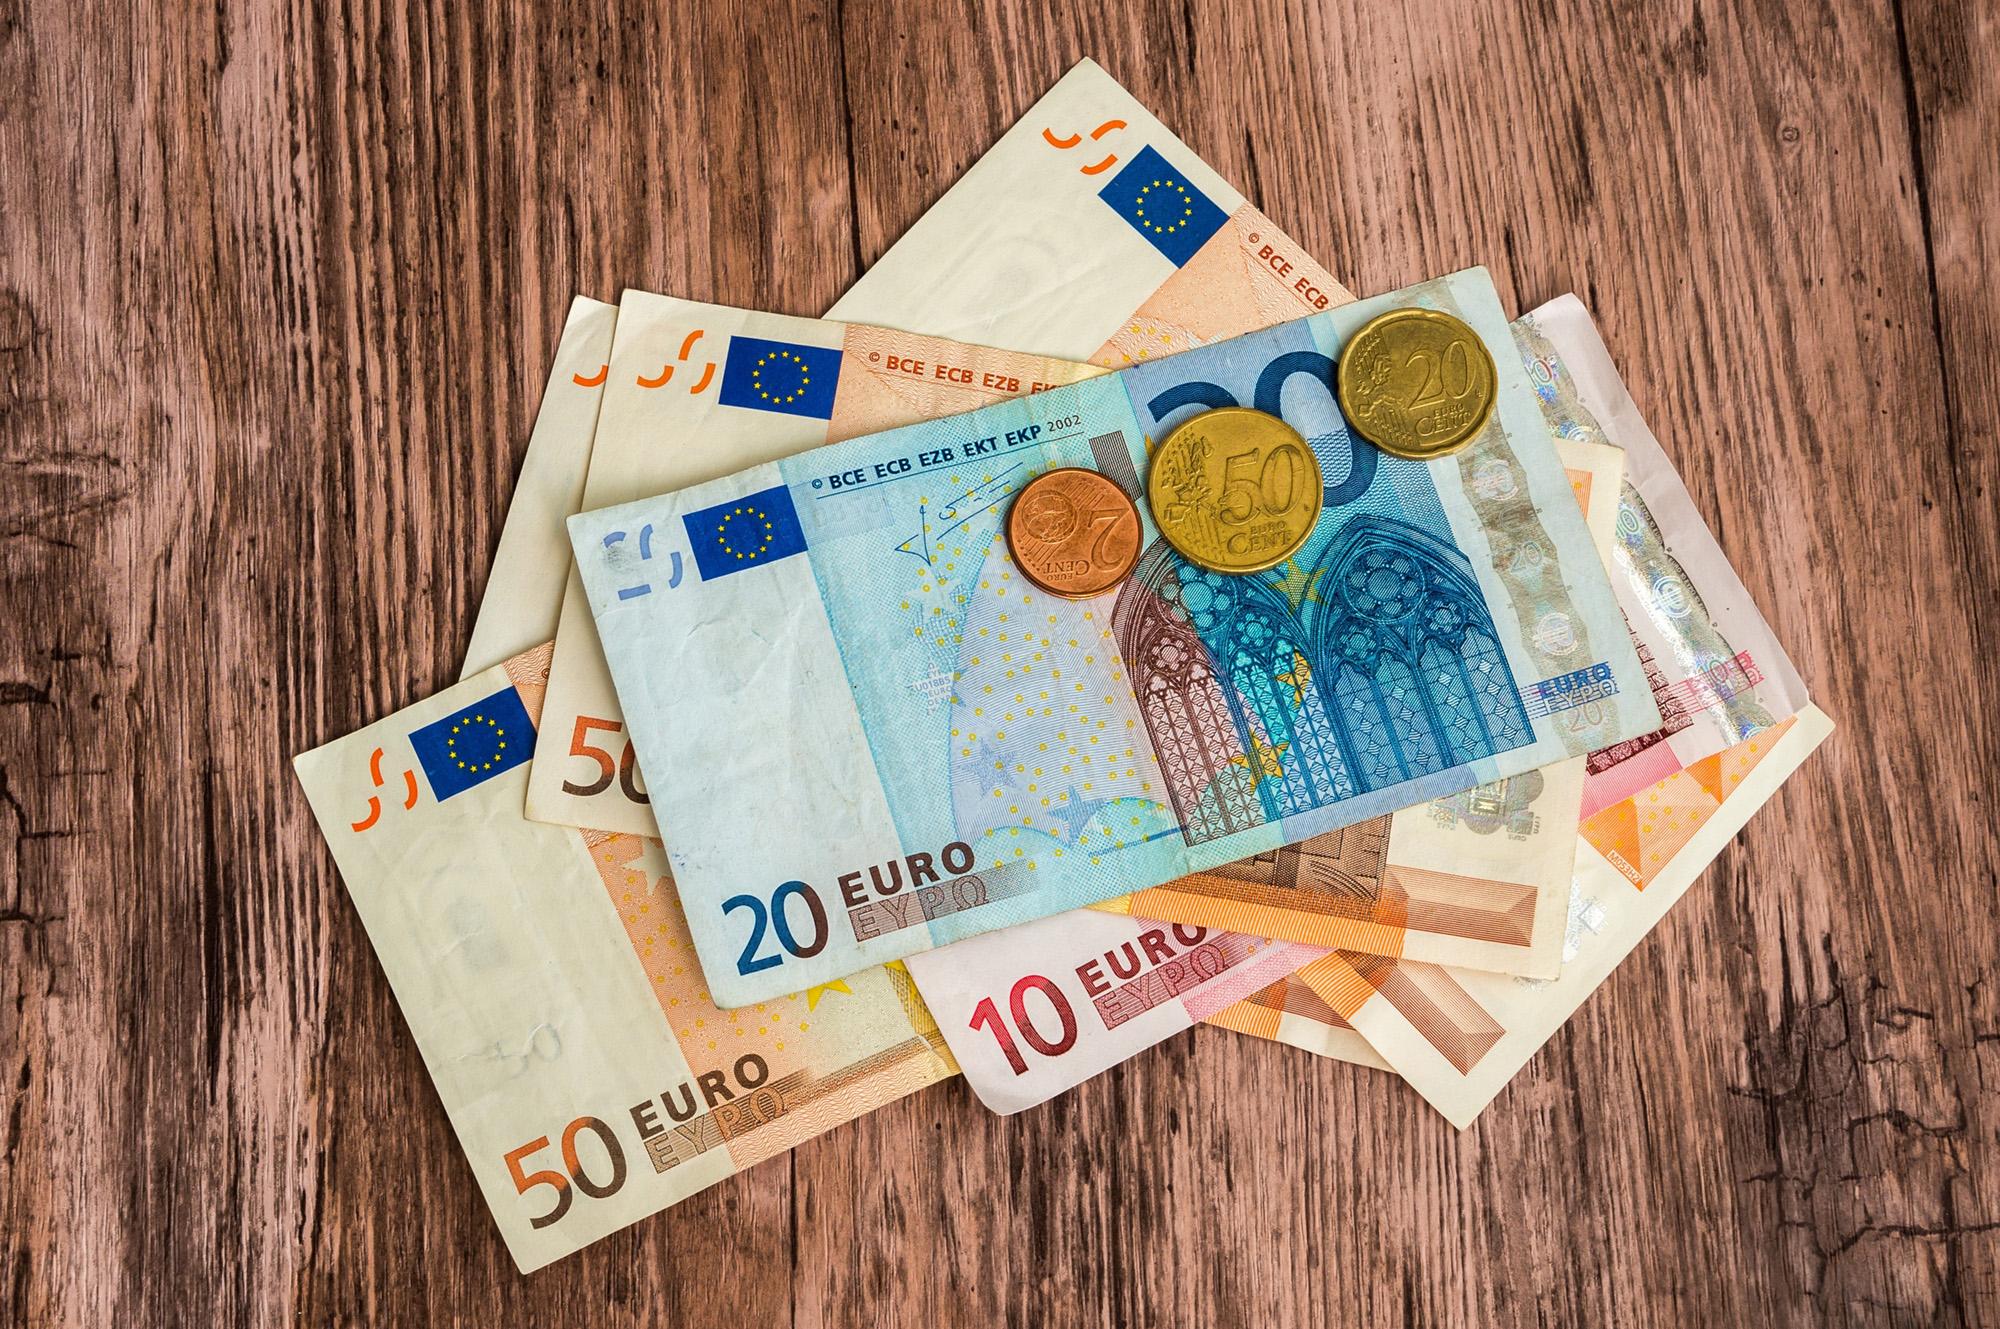 Foto: andriano.cz/shutterstock.com